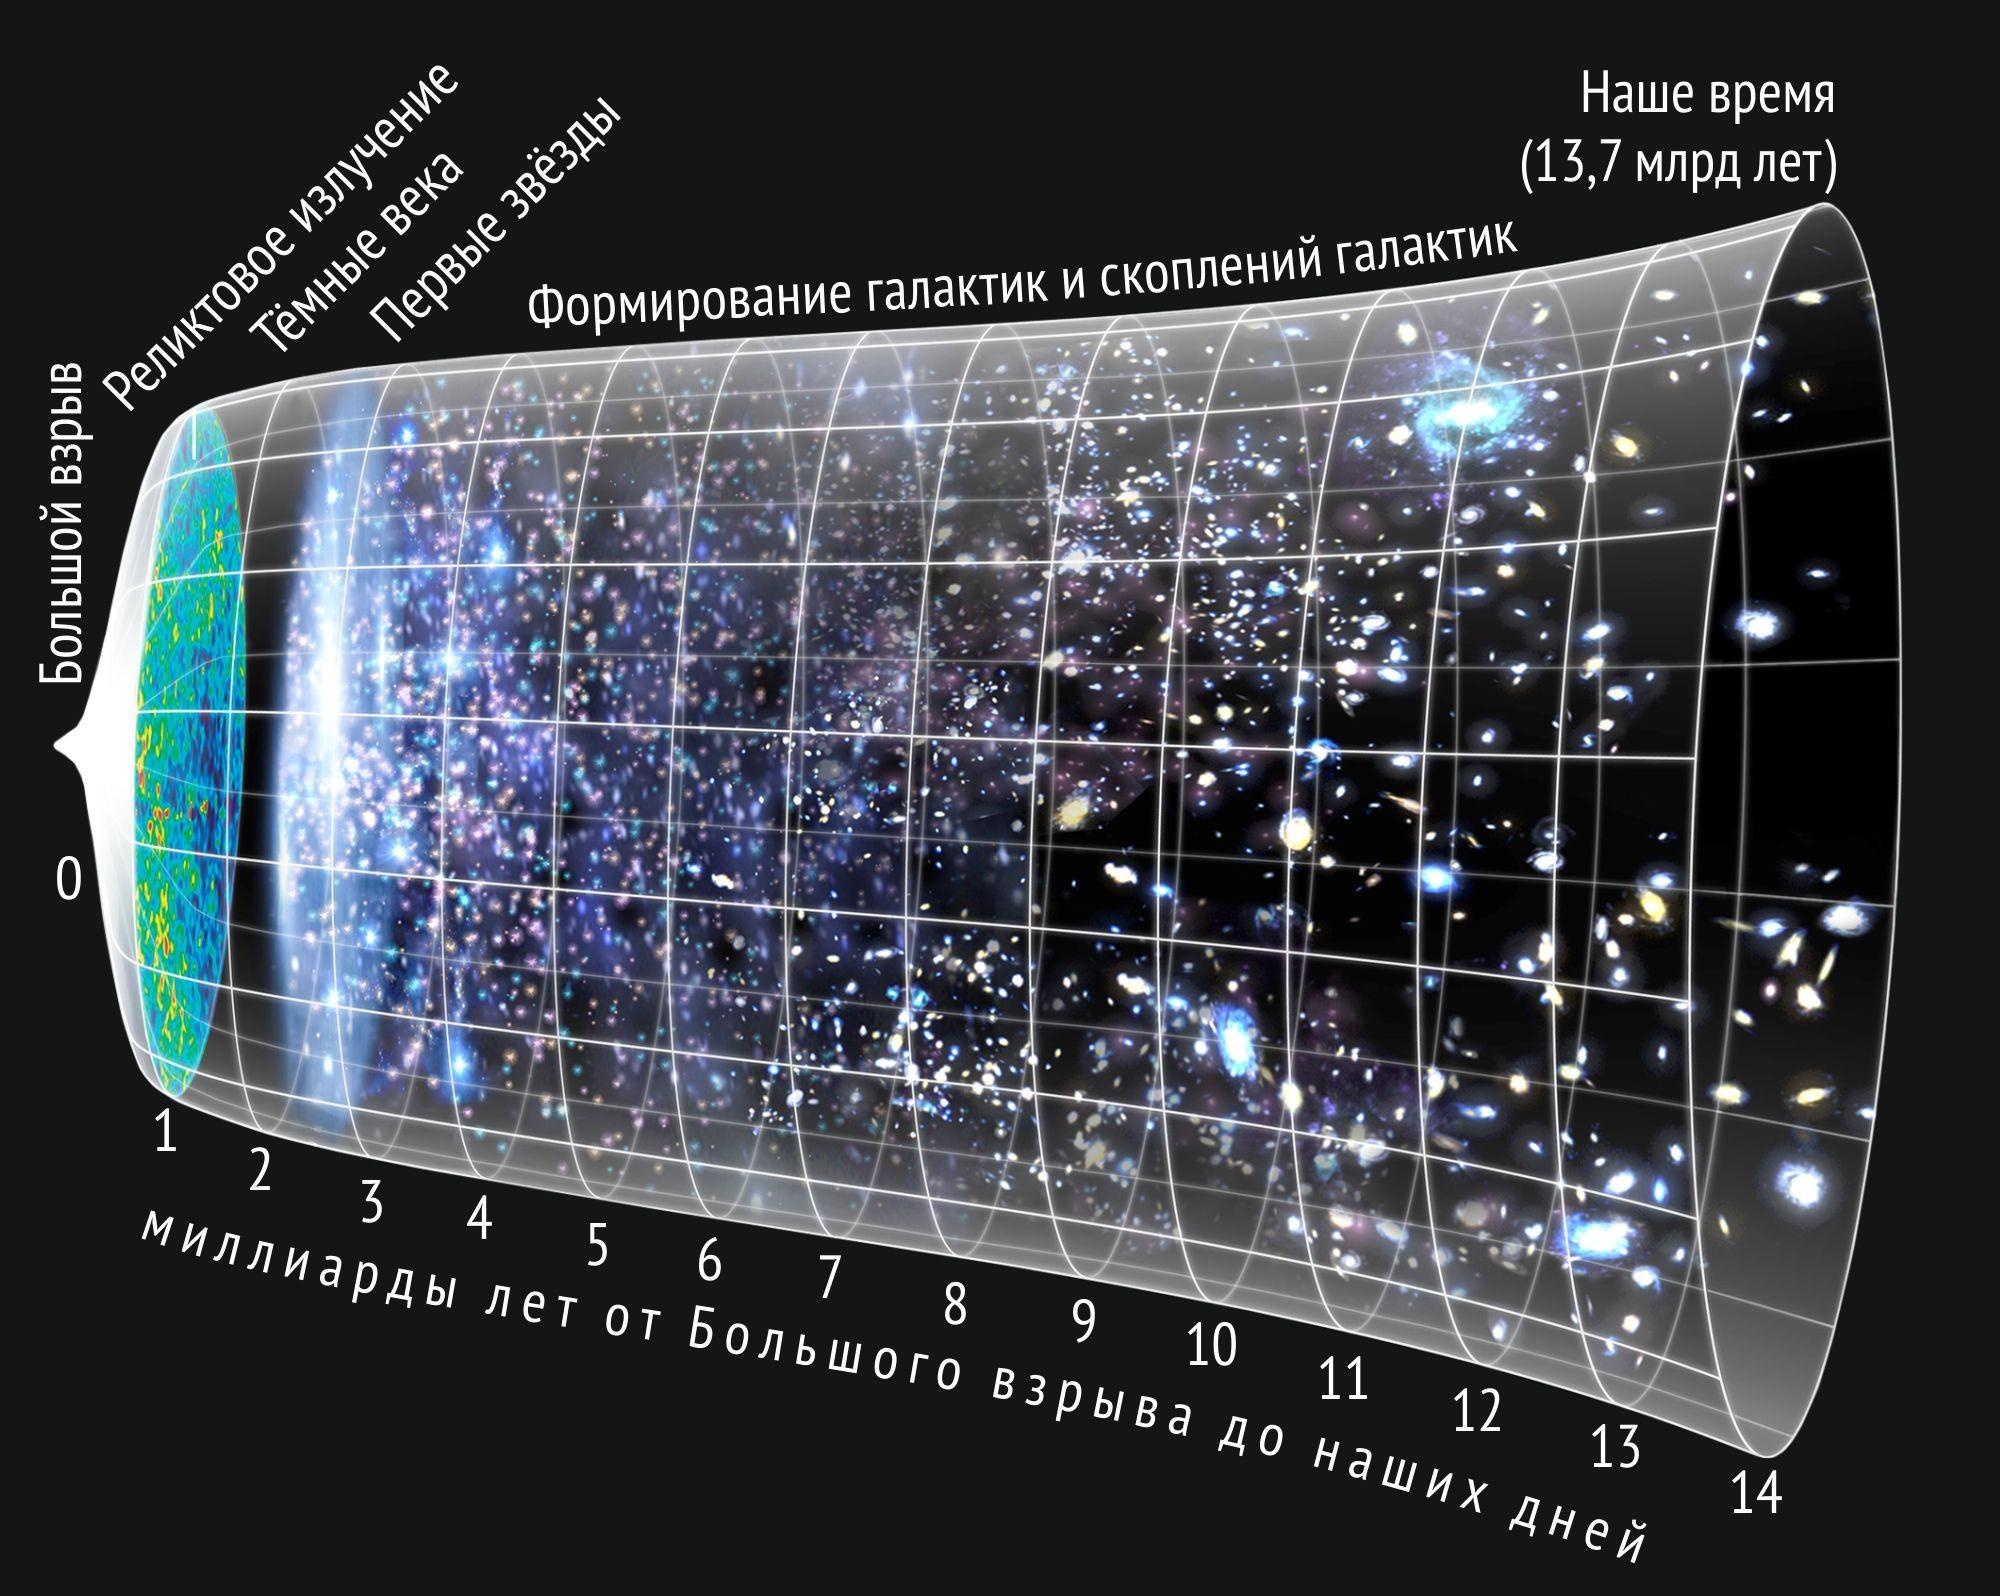 тут расширение вселенной картинки твоя молодость горячий